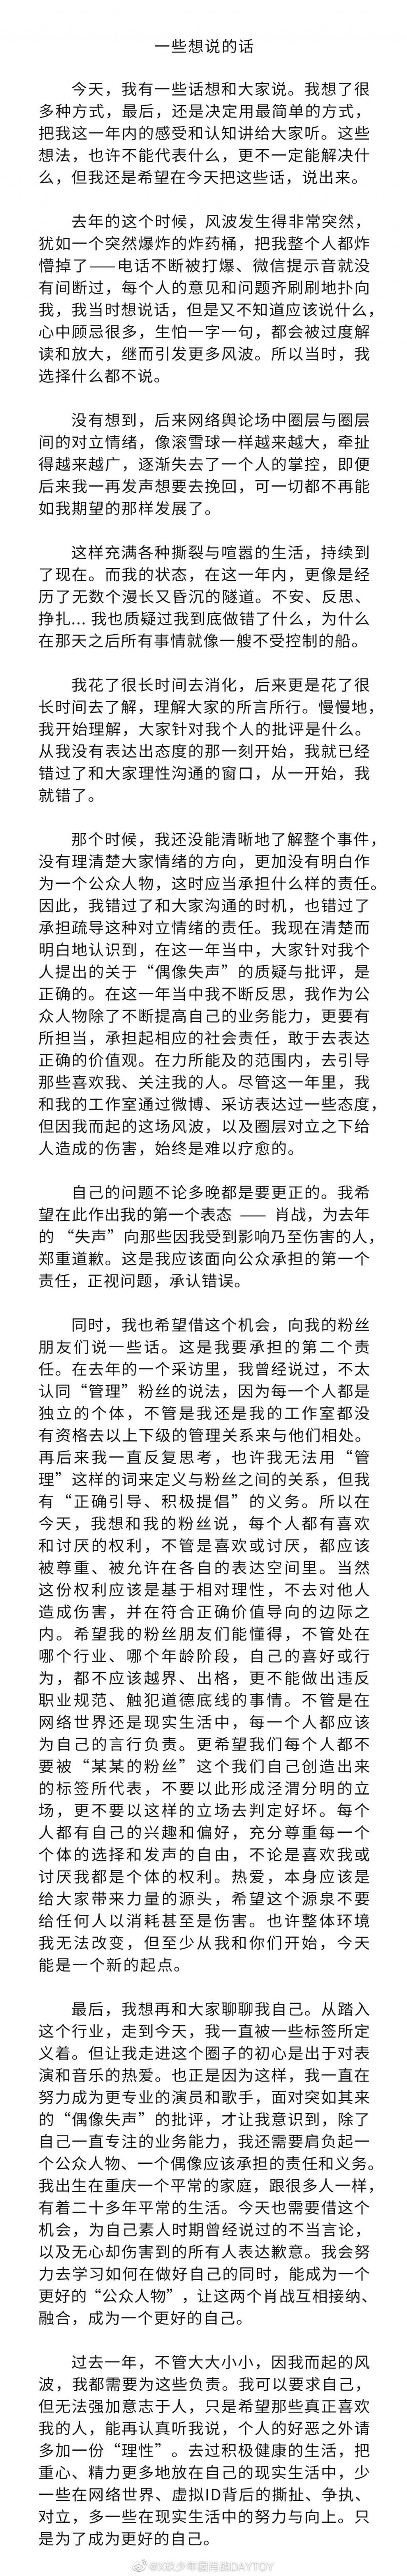 Tiêu Chiến lên tiếng xin lỗi sau 1 năm xảy ra sự kiện 227